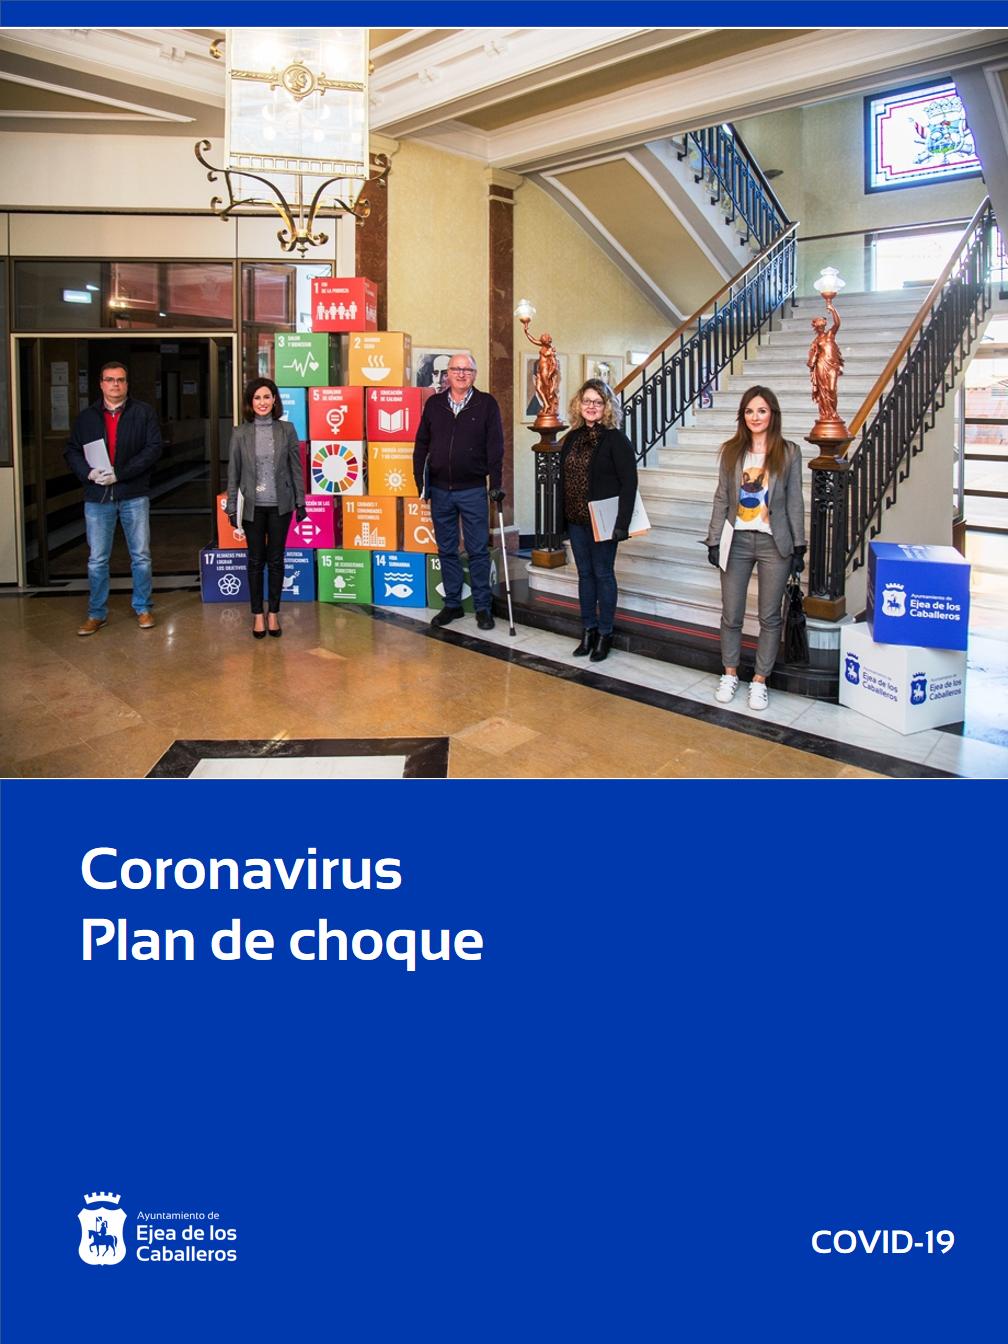 El Ayuntamiento de Ejea de los Caballeros destinará 1.800.000 euros a un plan de choque para luchar contra el Coronavirus